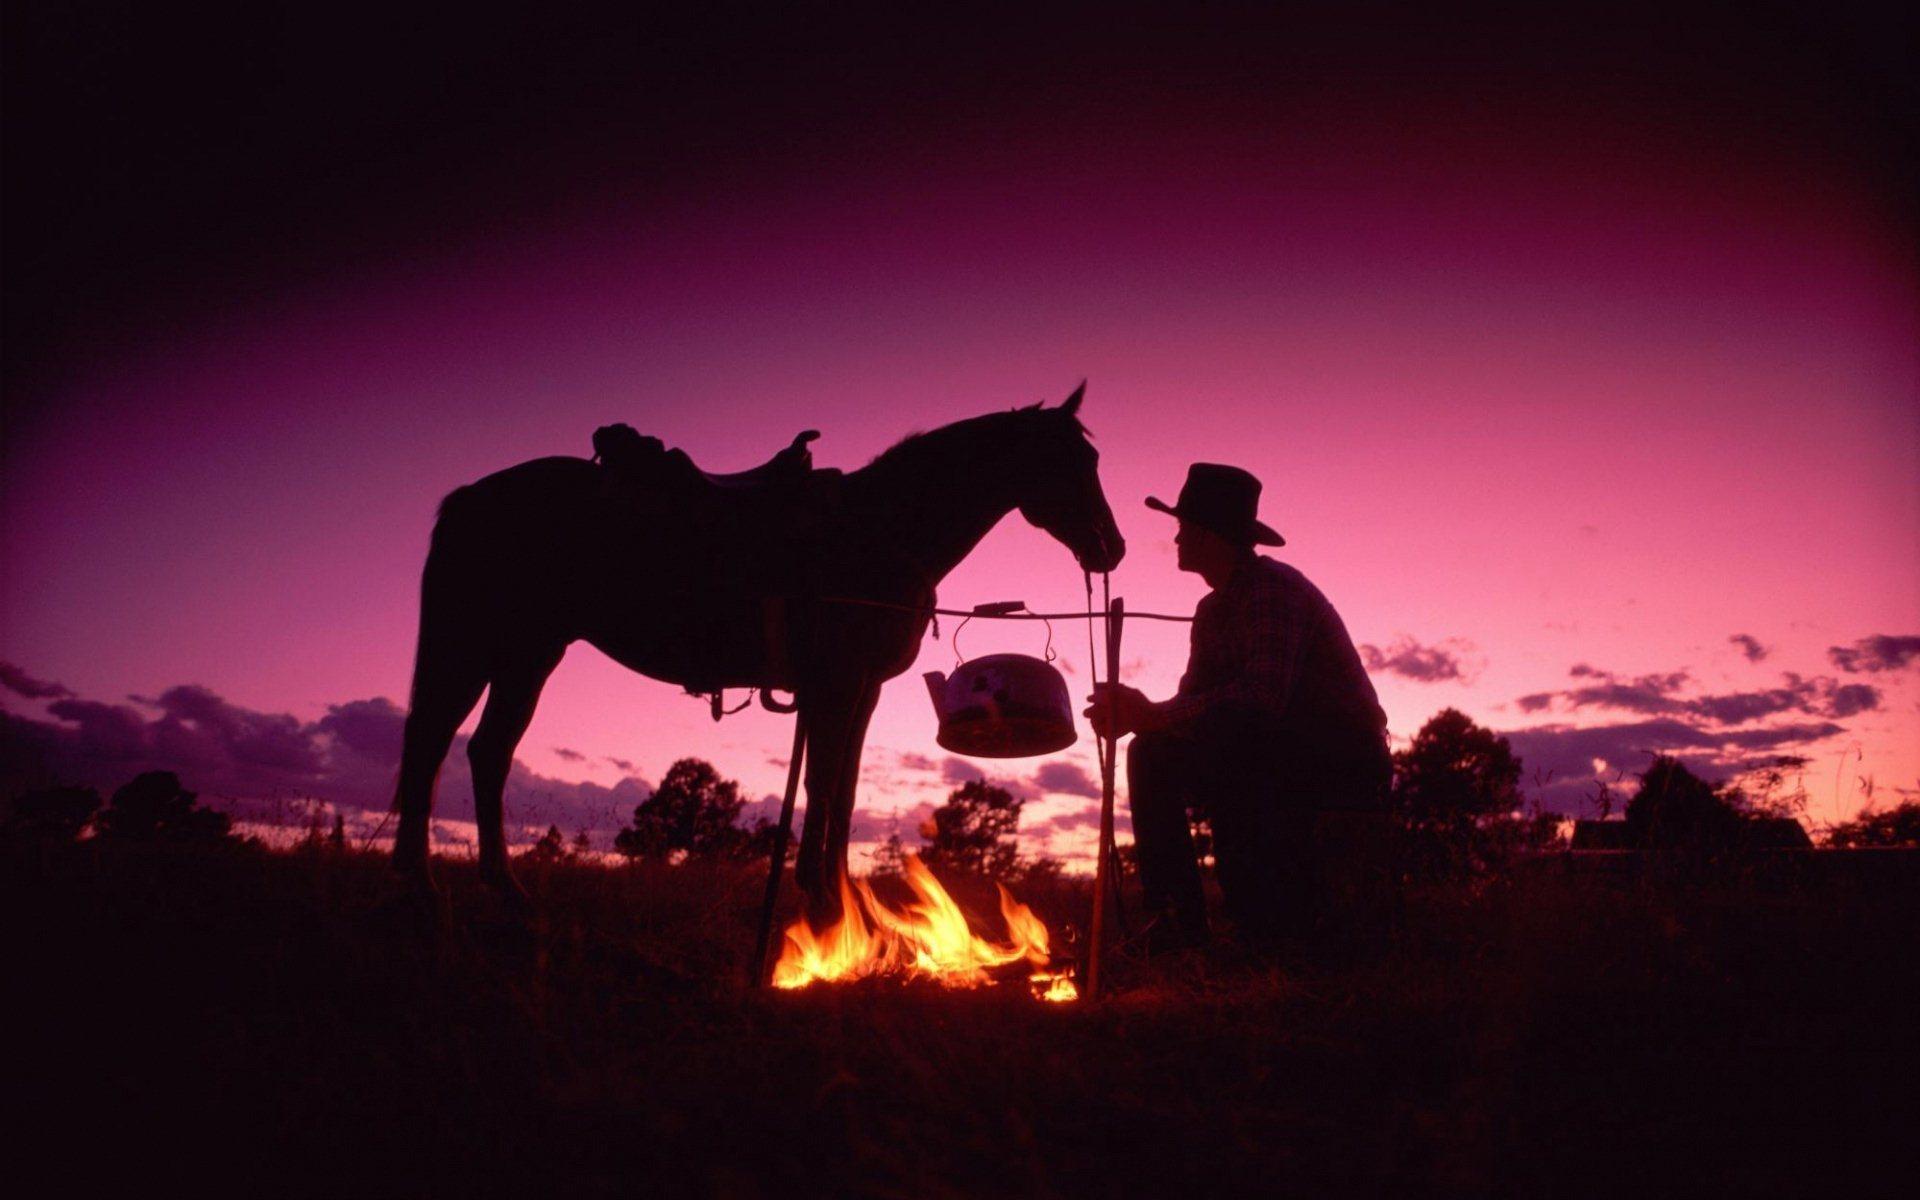 Ковбой, лошадь и костёр